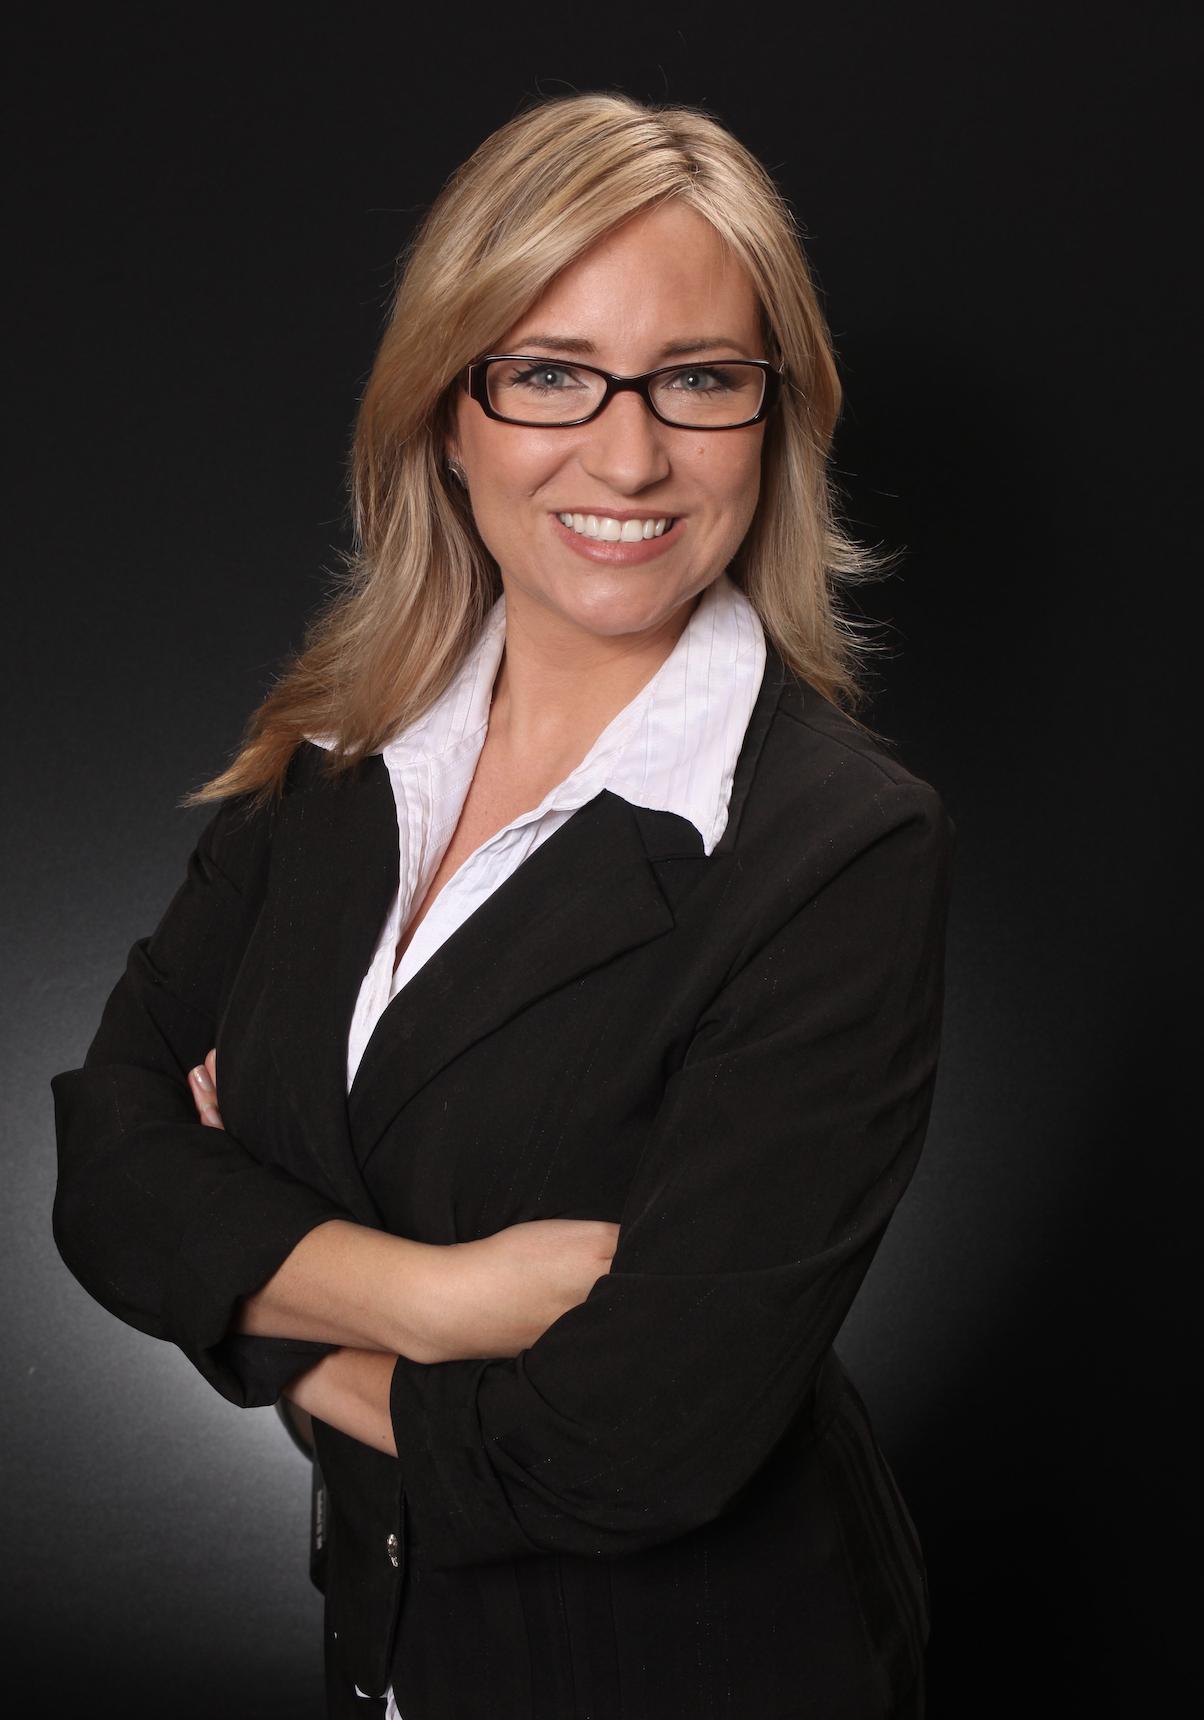 Kelly Medina